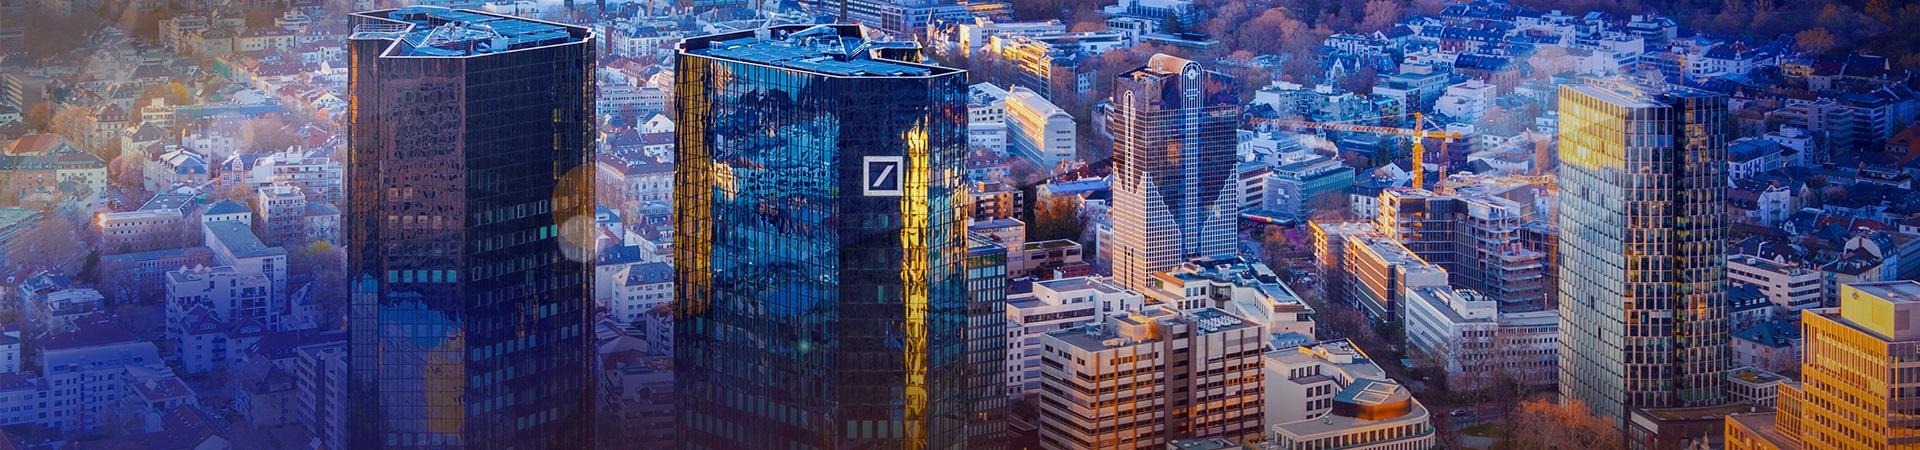 Deutsche Bank Headquarters Frankfurt